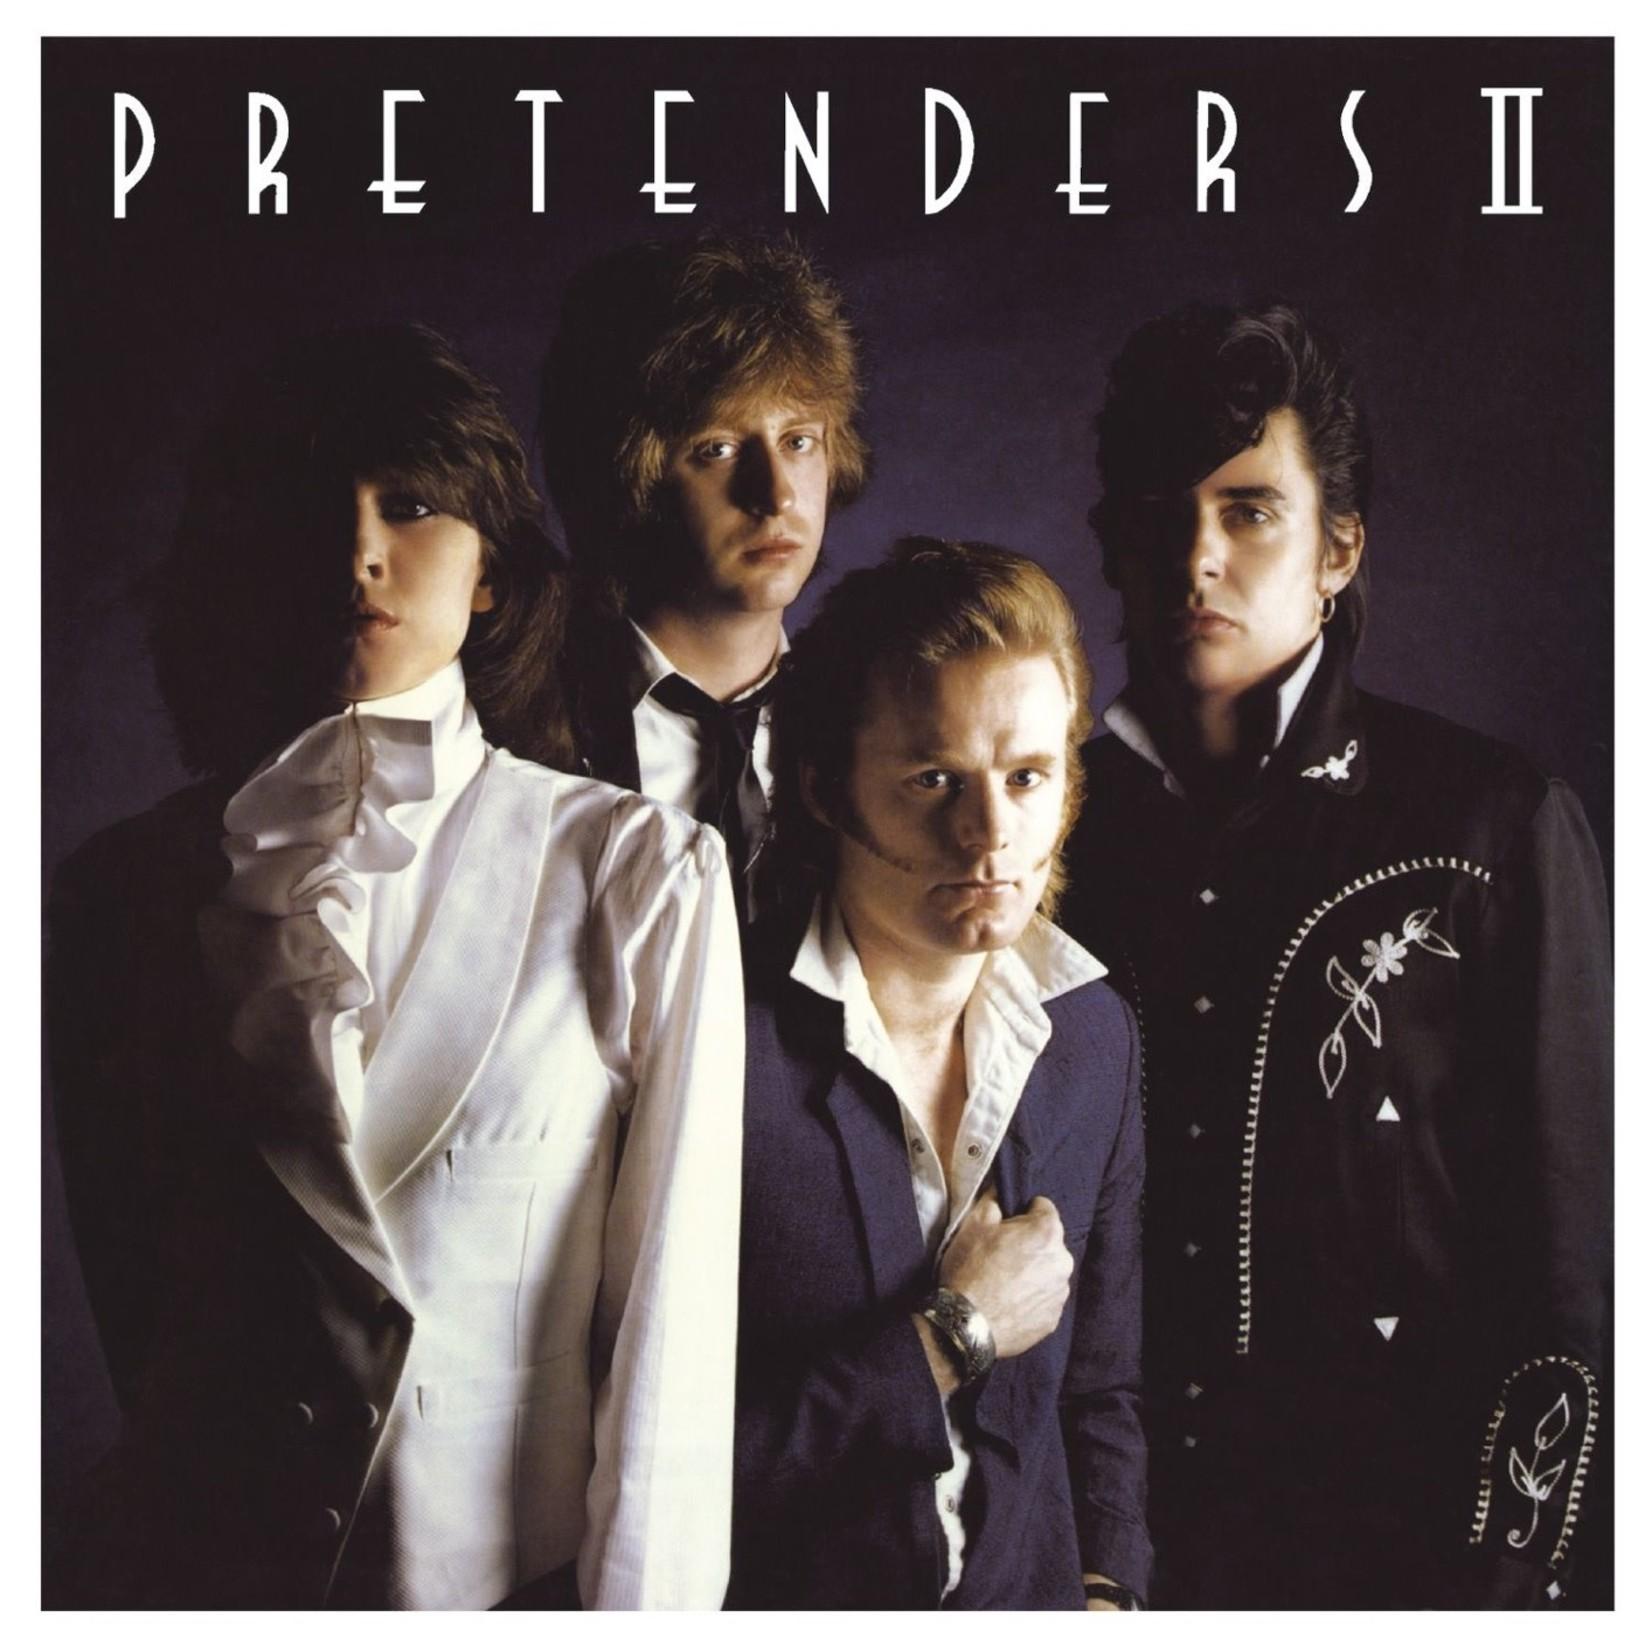 [Vintage] Pretenders: Pretenders II